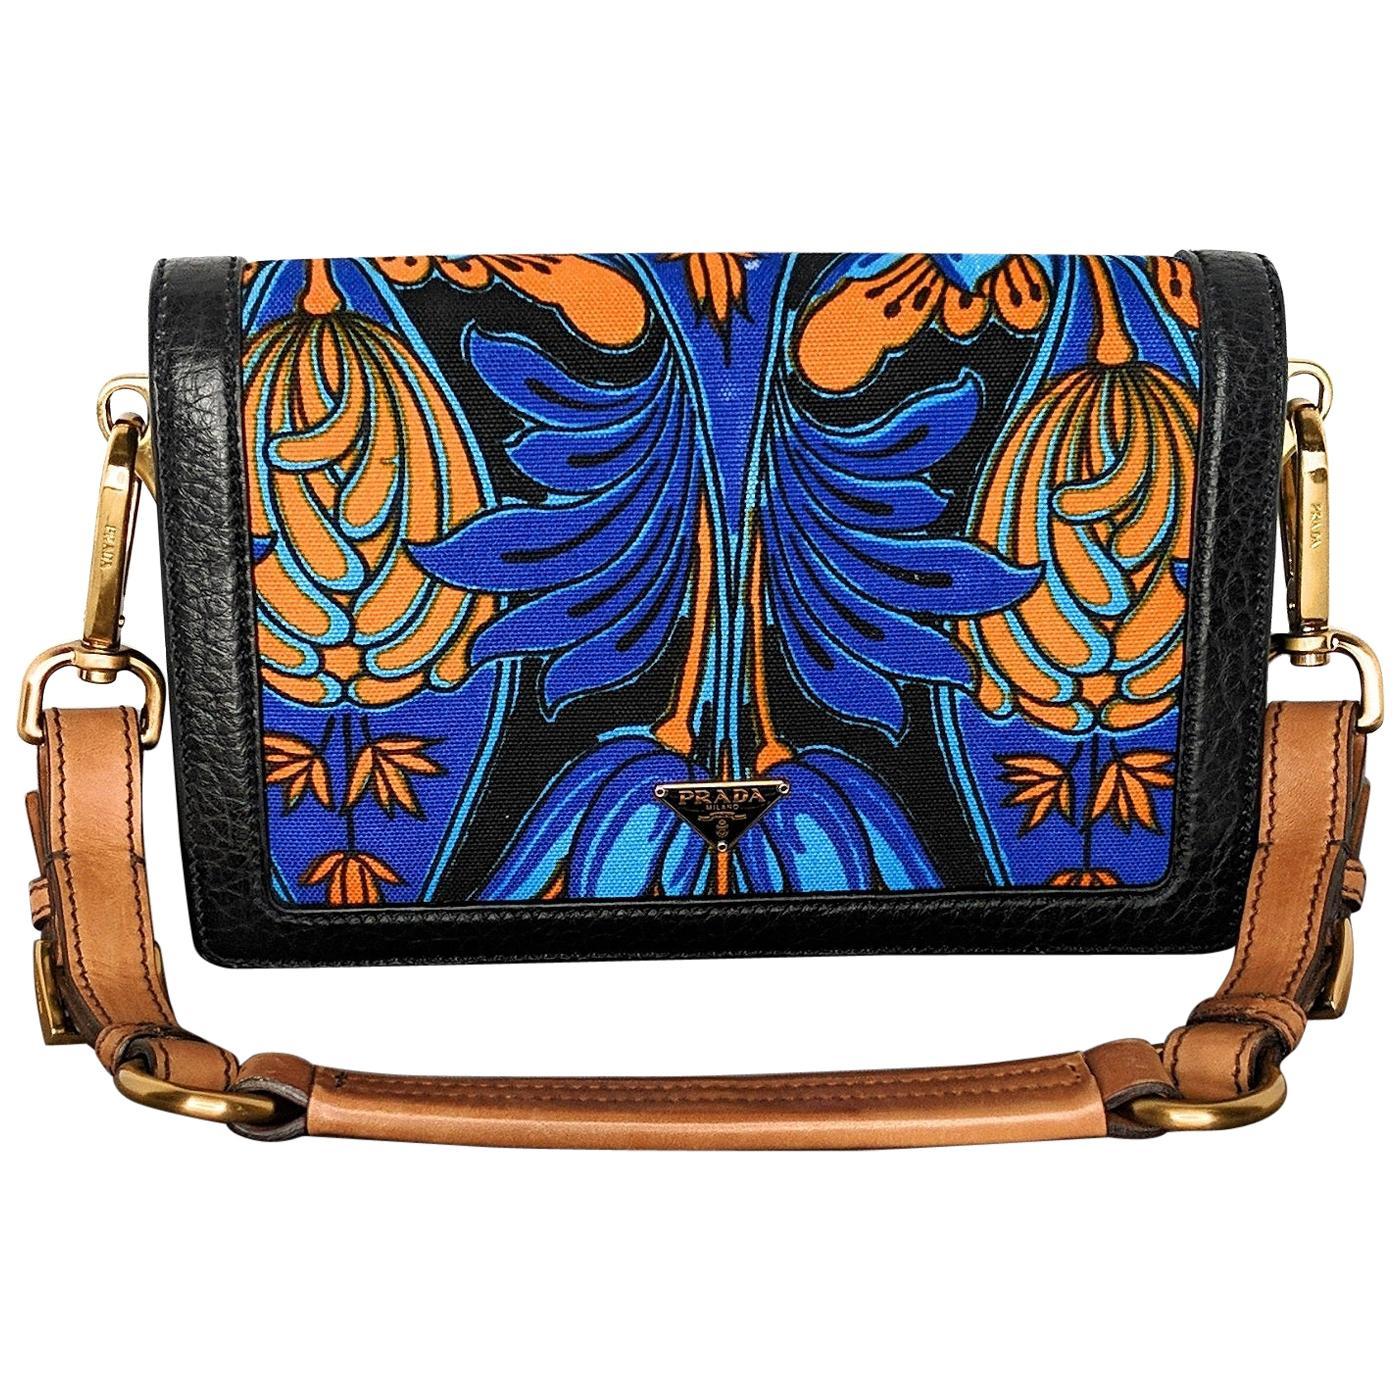 Prada Multi-color Cloth Tropical Motif Print Shoulder Clutch Bag